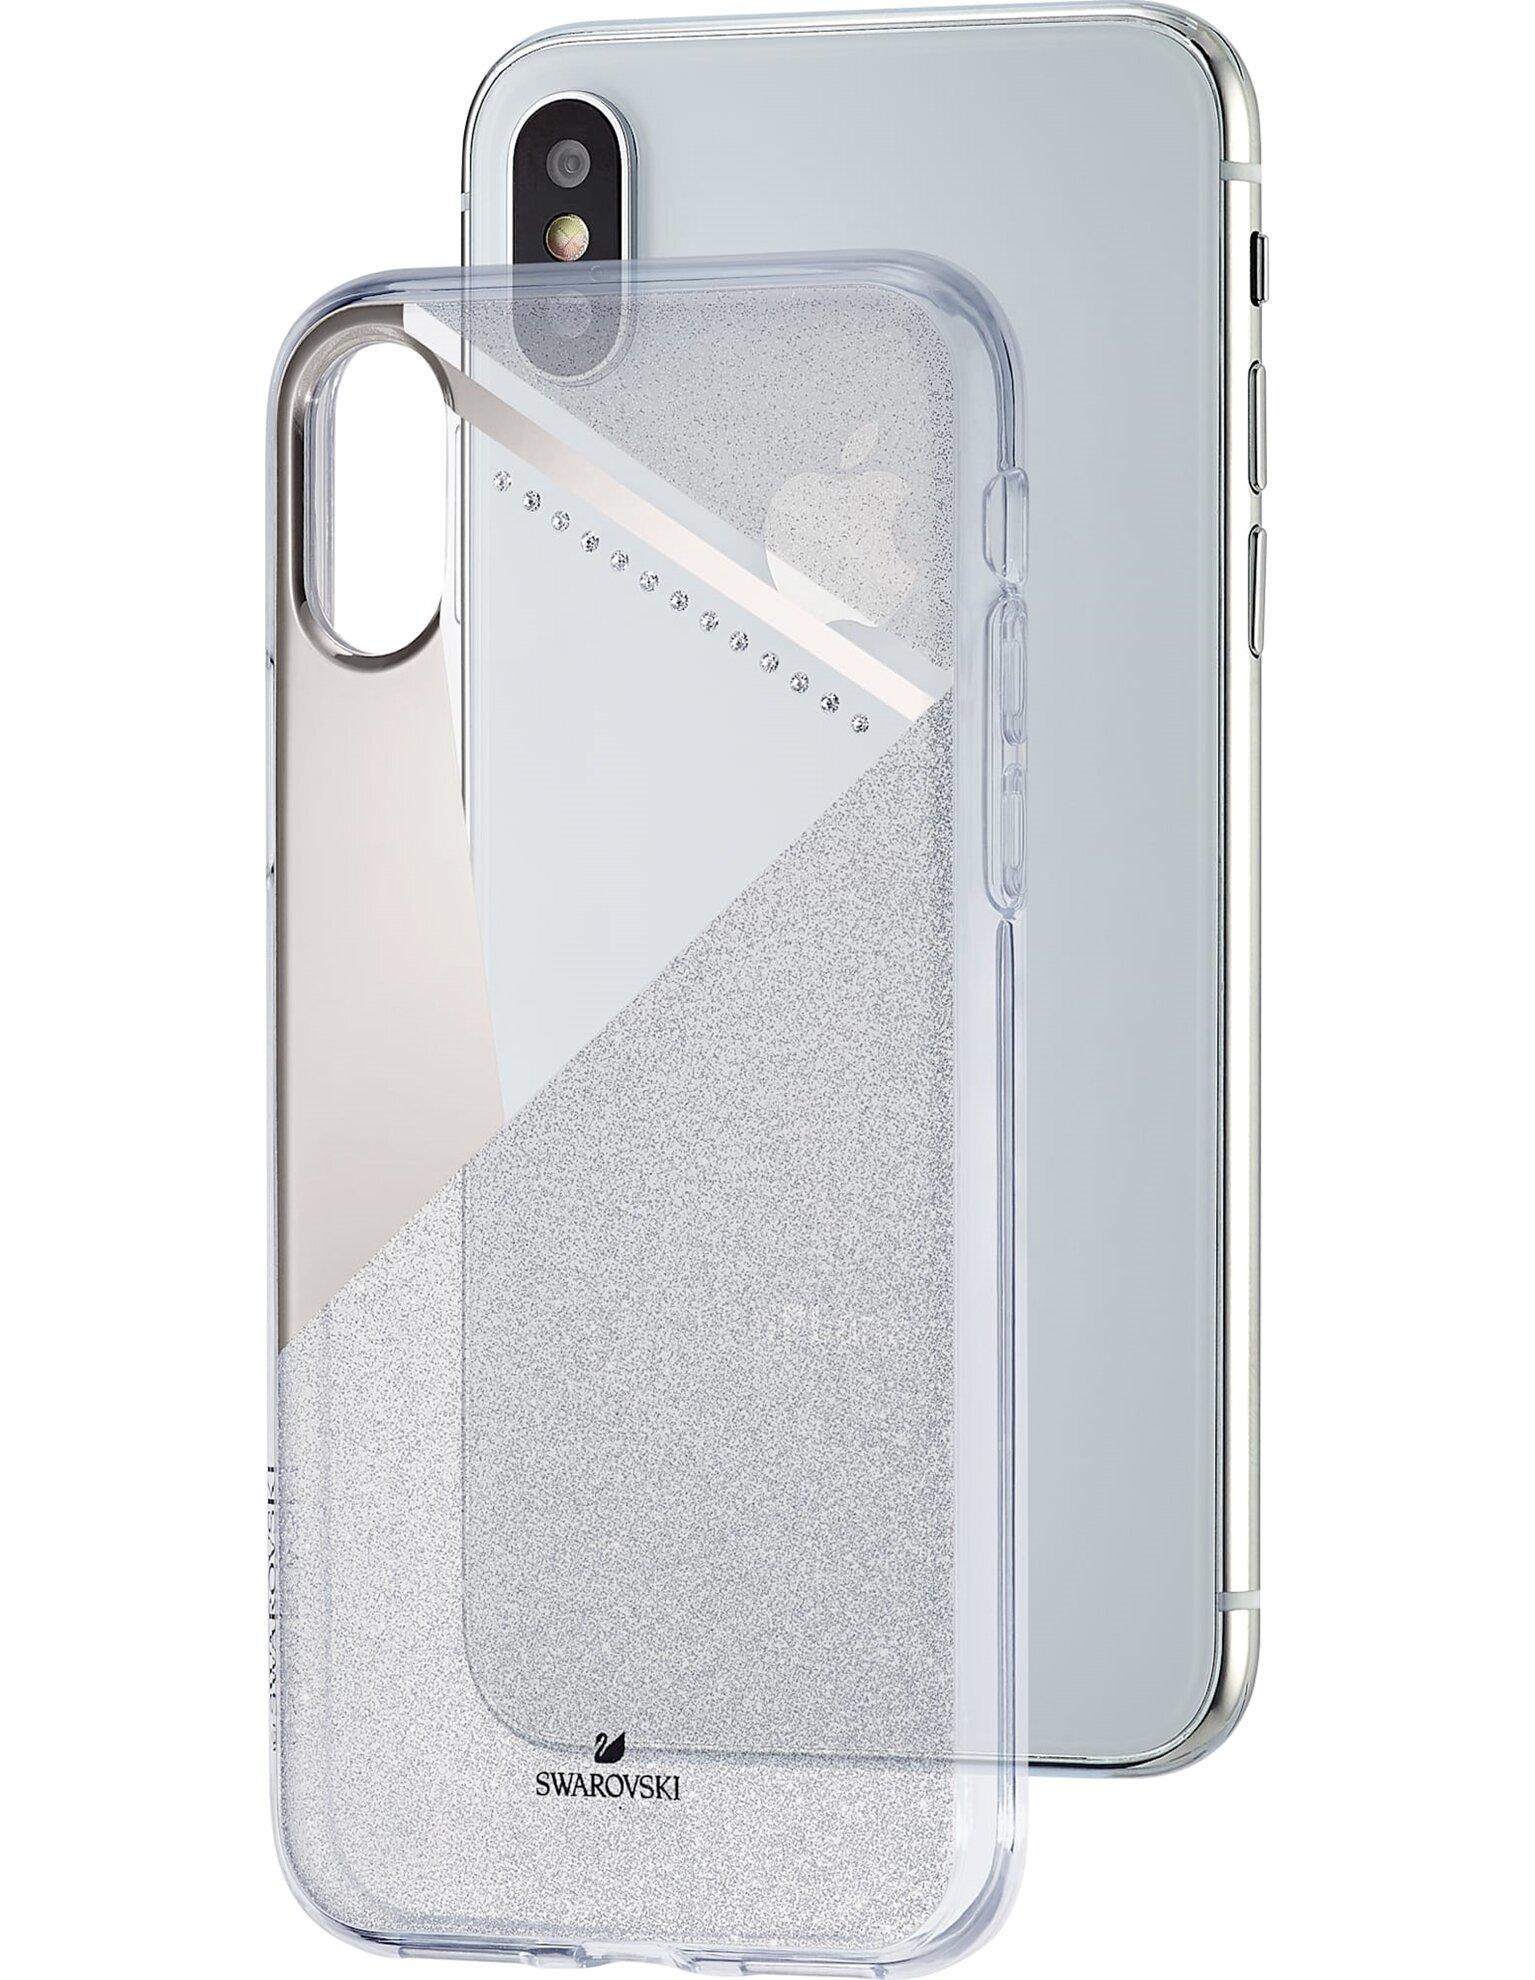 Picture of Subtle Koruyuculu Akıllı Telefon Kılıf, iPhone® X/XS, Gümüş Rengi